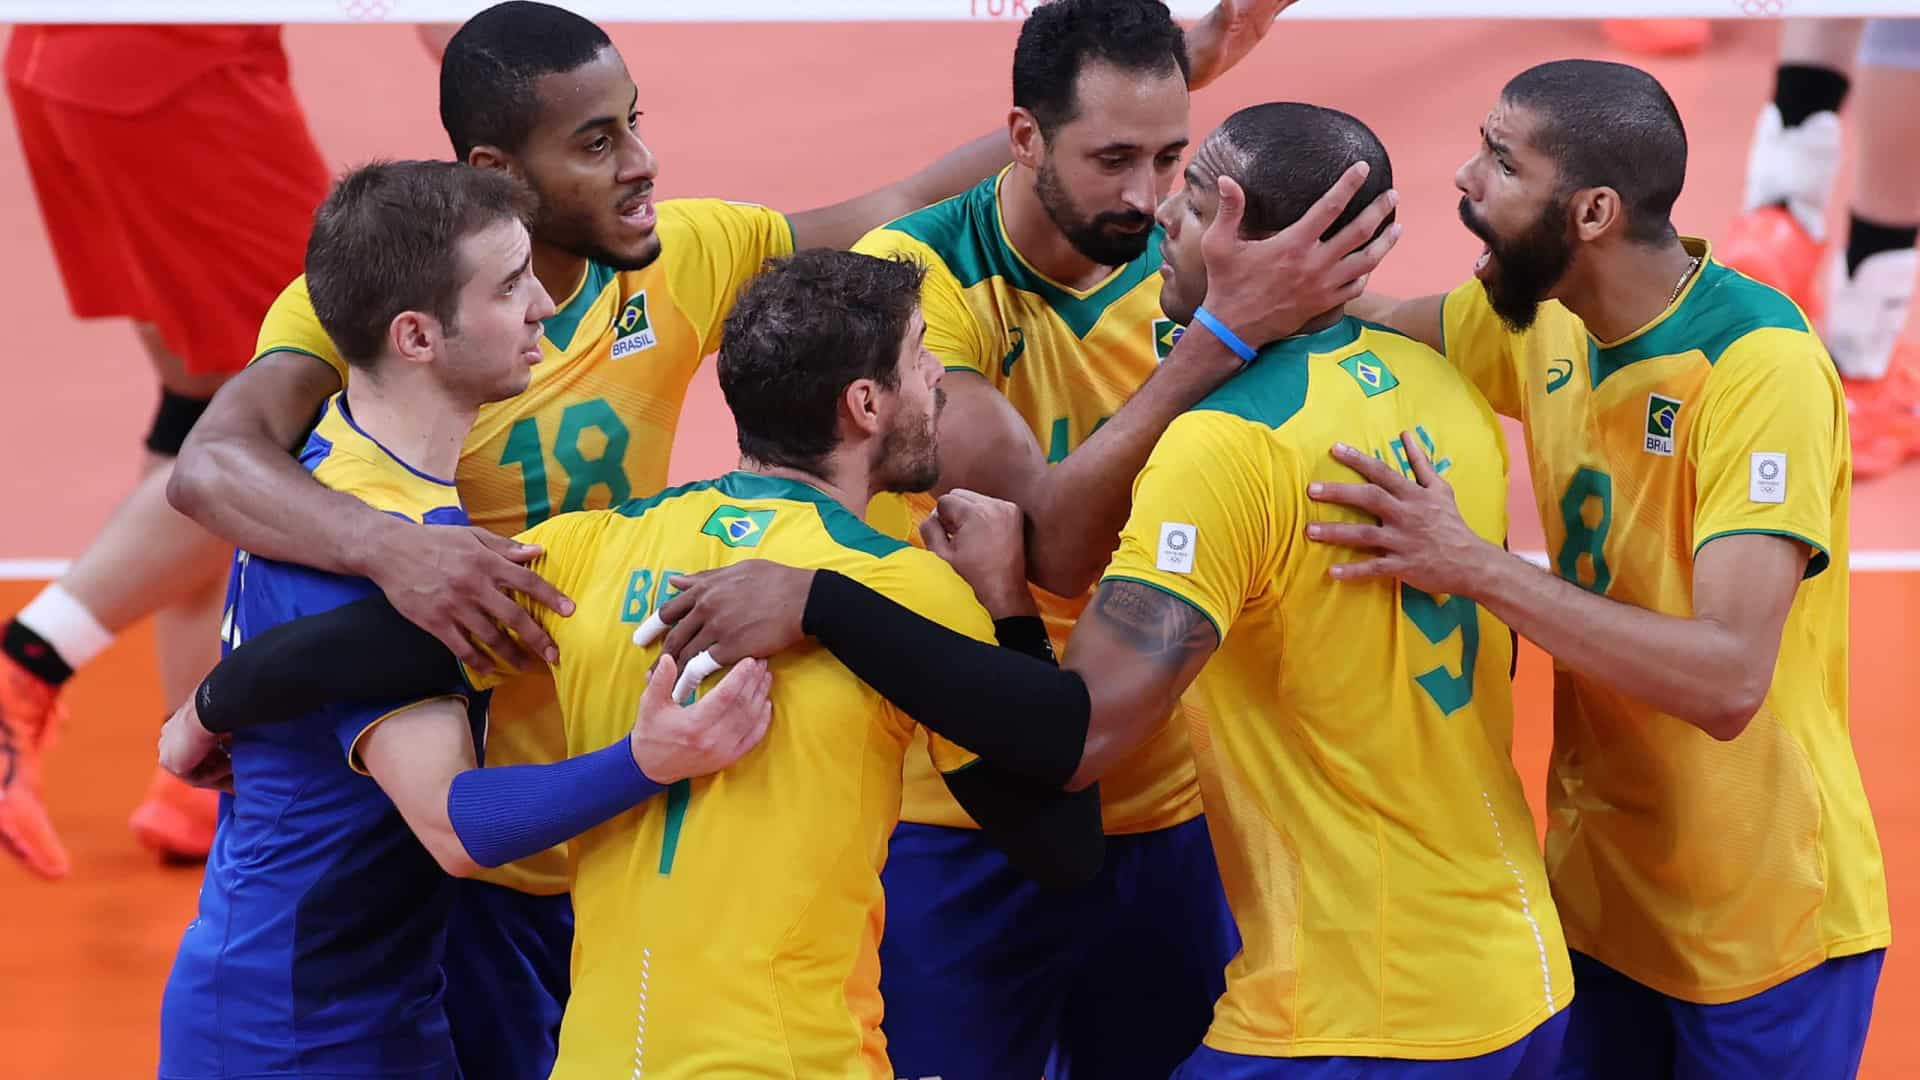 Seleção brasileira elimina Japão e pega russos na semifinal do vôlei masculino